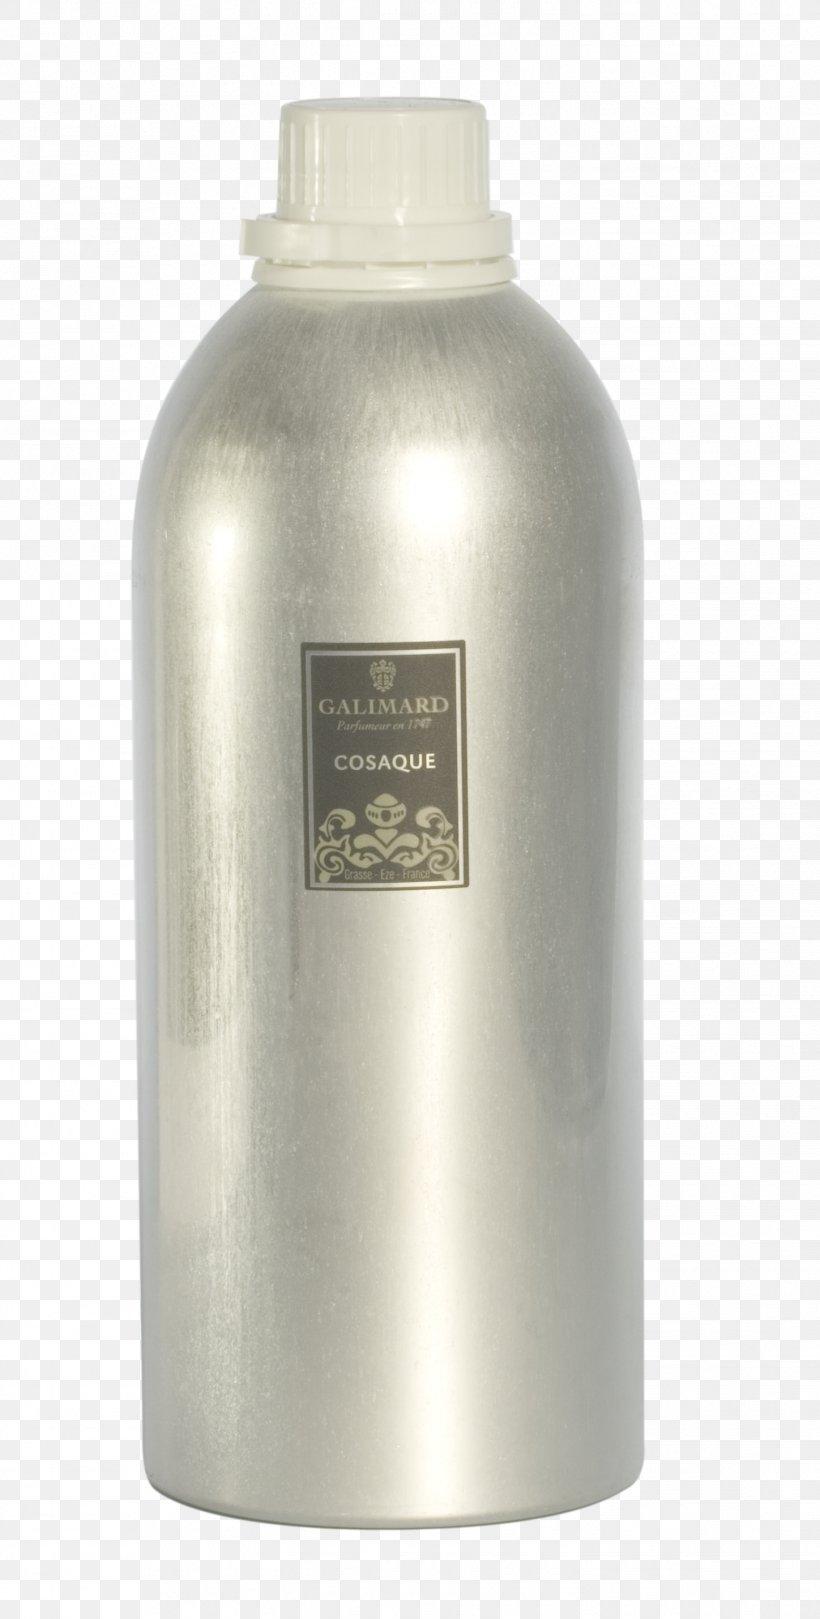 Eau De Toilette Liquid Atomizer Bottle, PNG, 1448x2860px, Eau De Toilette, Aerosol Spray, Atomizer, Bottle, Cylinder Download Free